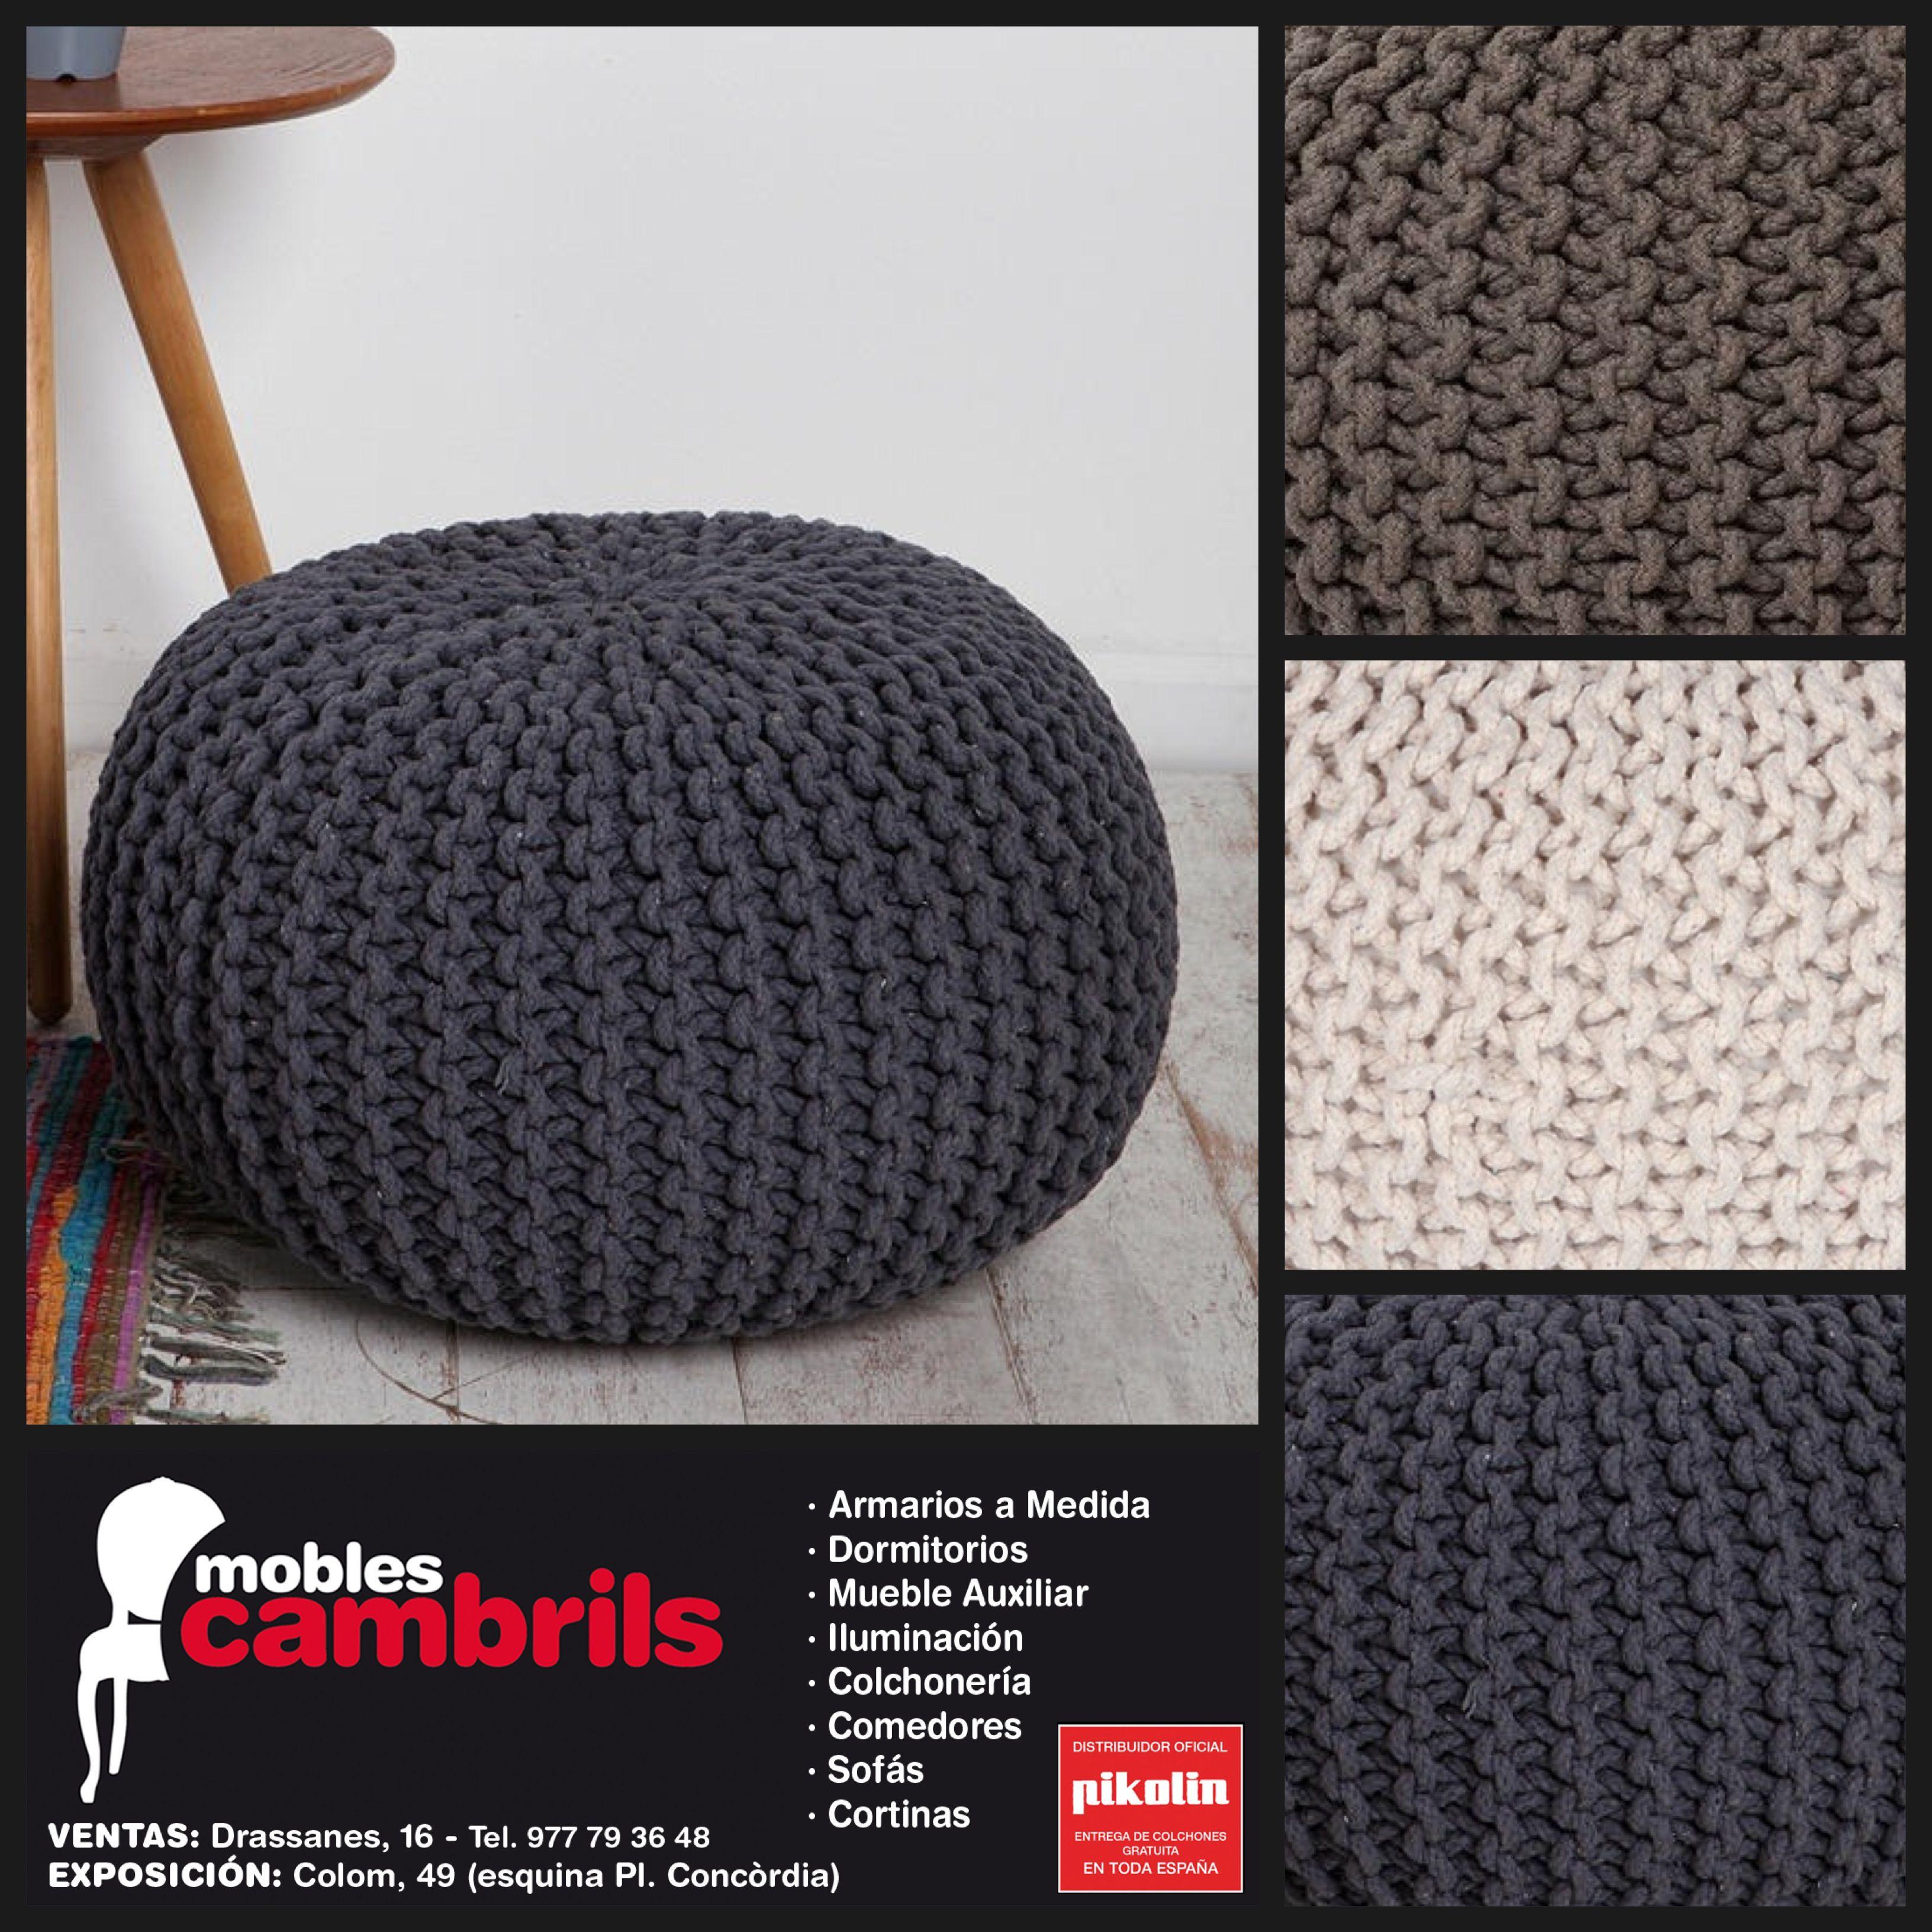 #pouf en #crochet de #algodón lo último en tendencia #deco, disponibles en distintos tamaños y colores en tu #tiendademuebles amiga #moblescambrils #botigademobles #decoración en #cambrils #tarragona #igerscambrils #igerstgn #EstiloNordiko